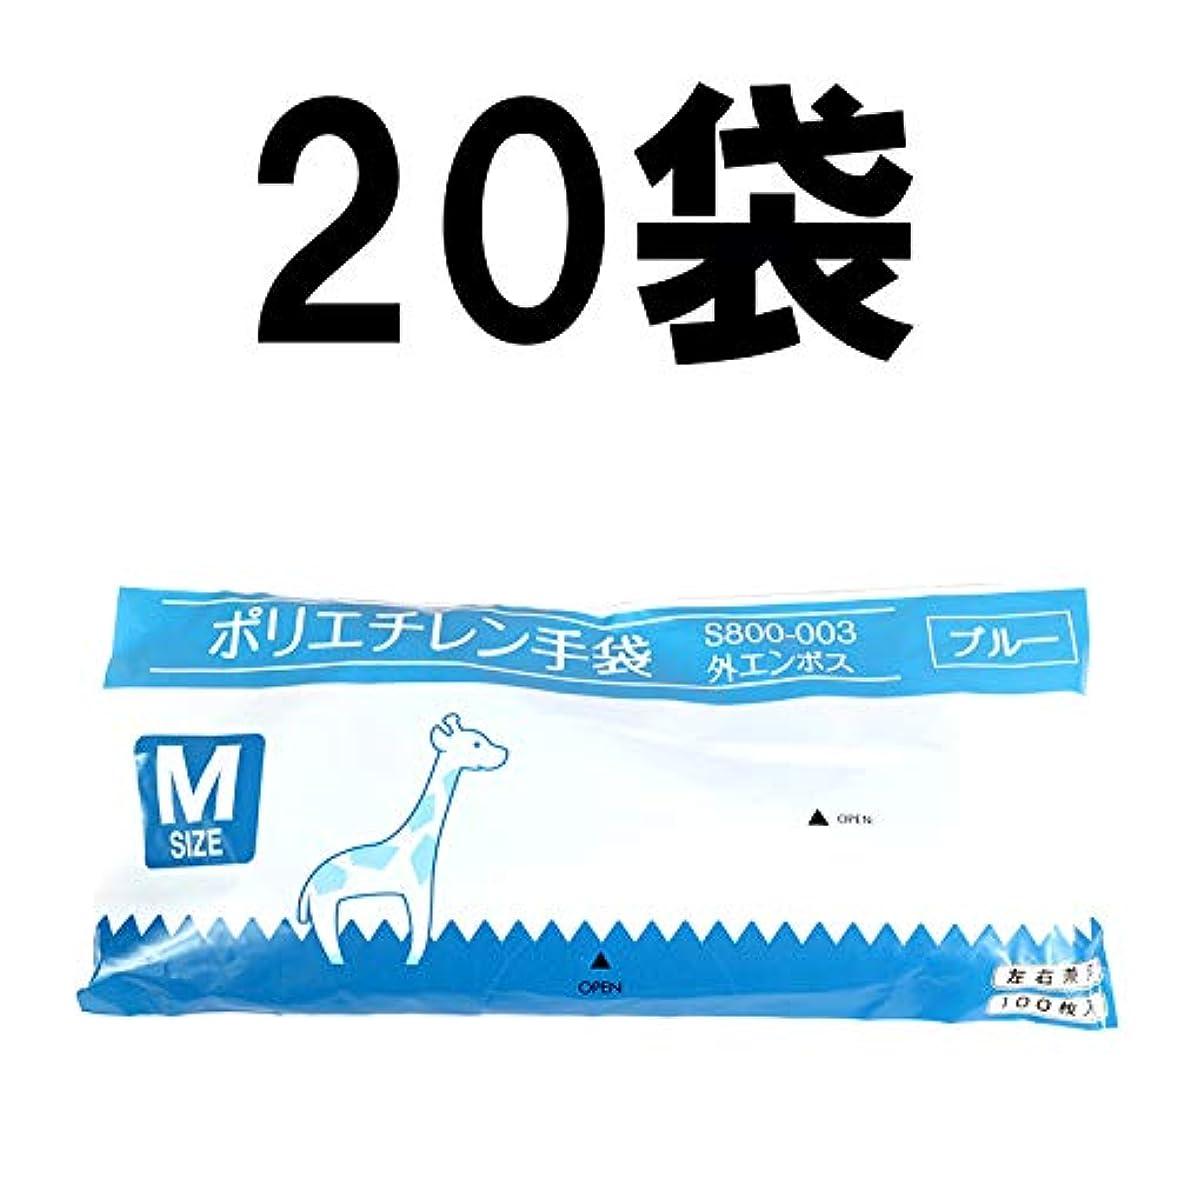 改修する階ロゴ(2000枚) 使い捨て ポリエチレン手袋 Mサイズ 100枚入り×20BOX ブルー色 左右兼用 外エンボス 食品衛生法適合品